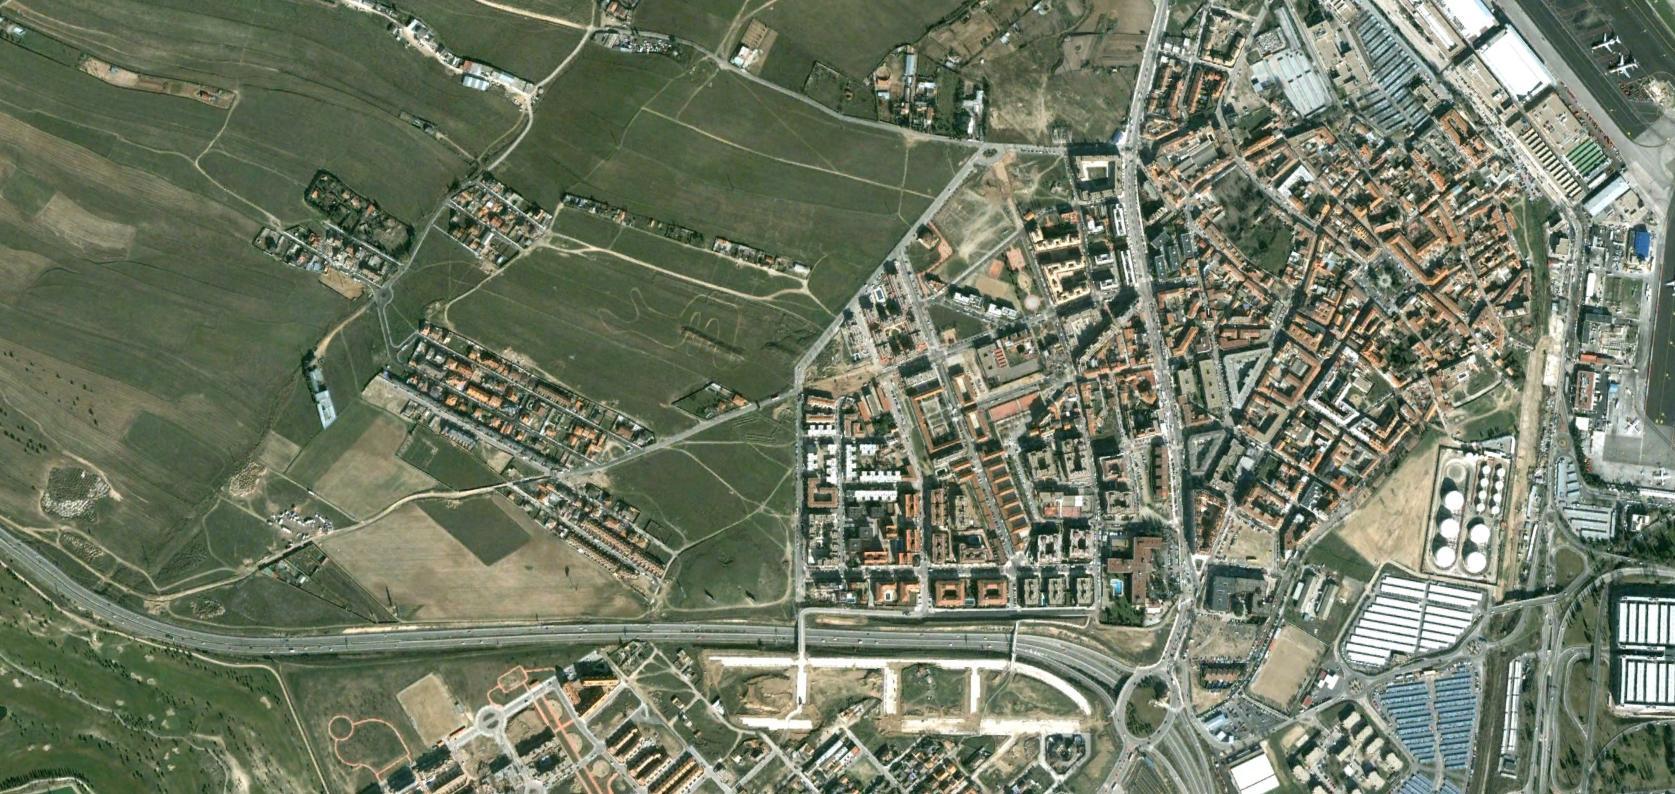 barajas, madrid, aeropuerto chiste chiste madrid barajas, antes, urbanismo, planeamiento, urbano, desastre, urbanístico, construcción